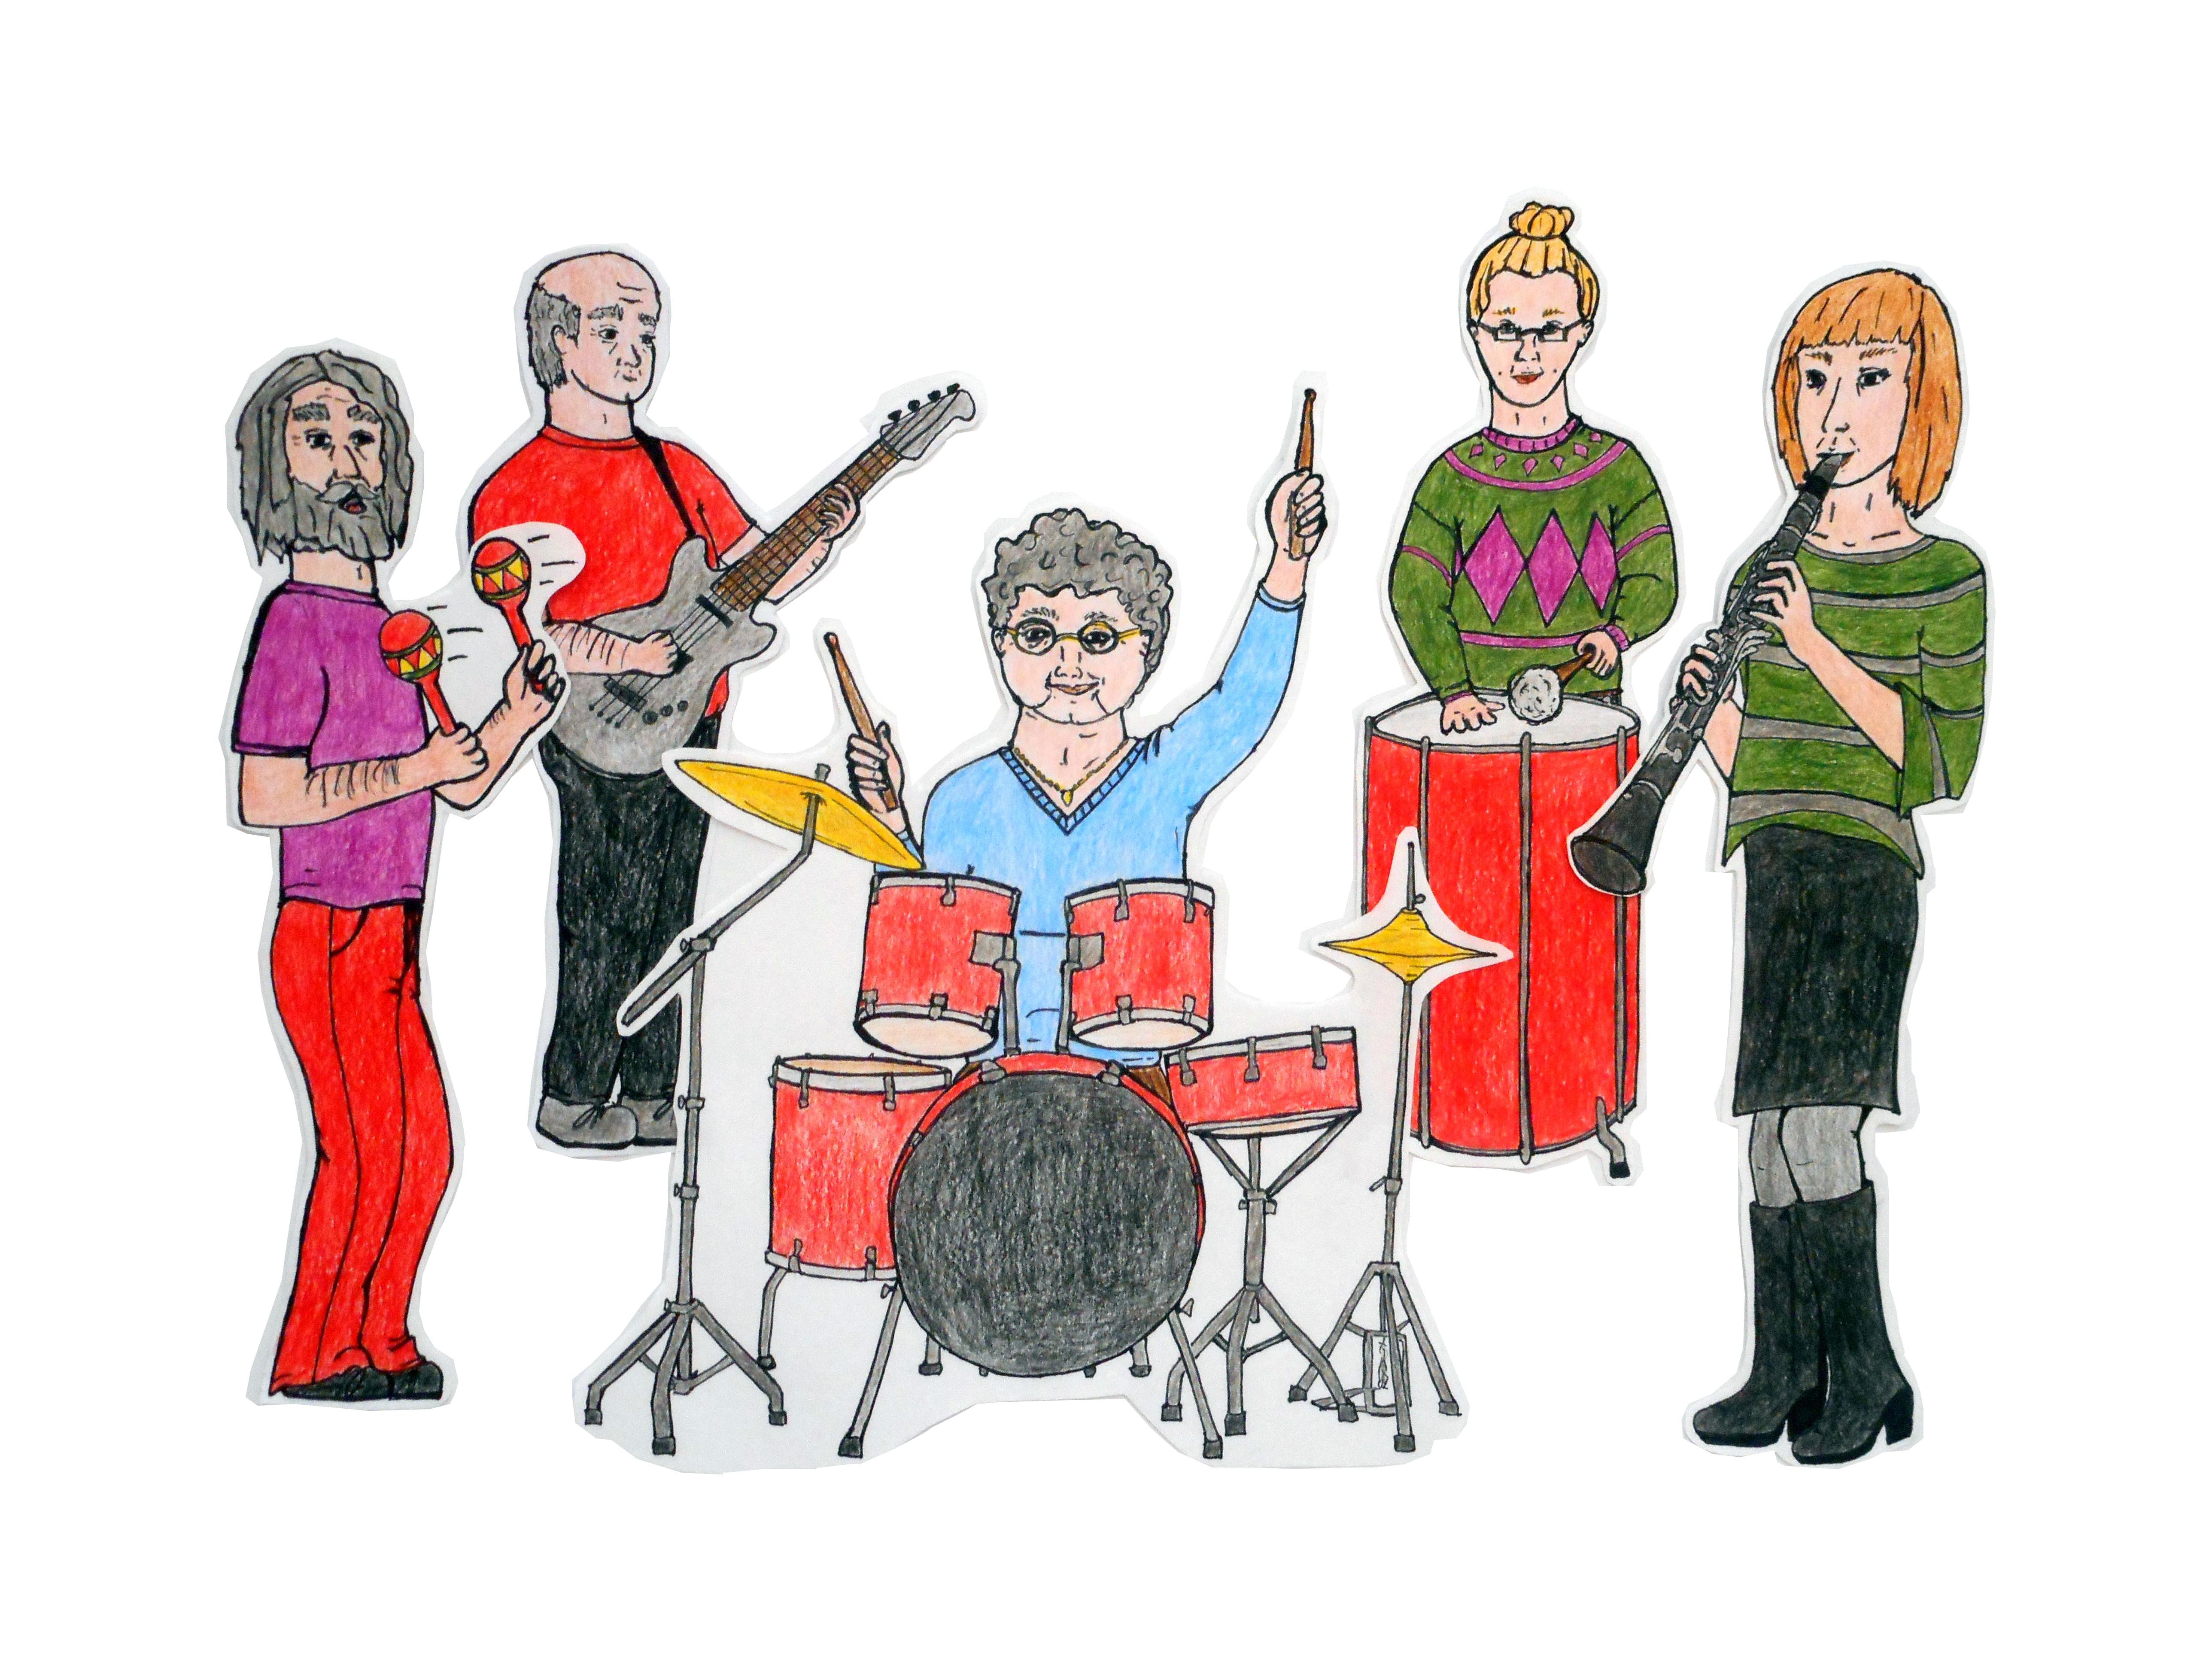 Musikzimmergruppe